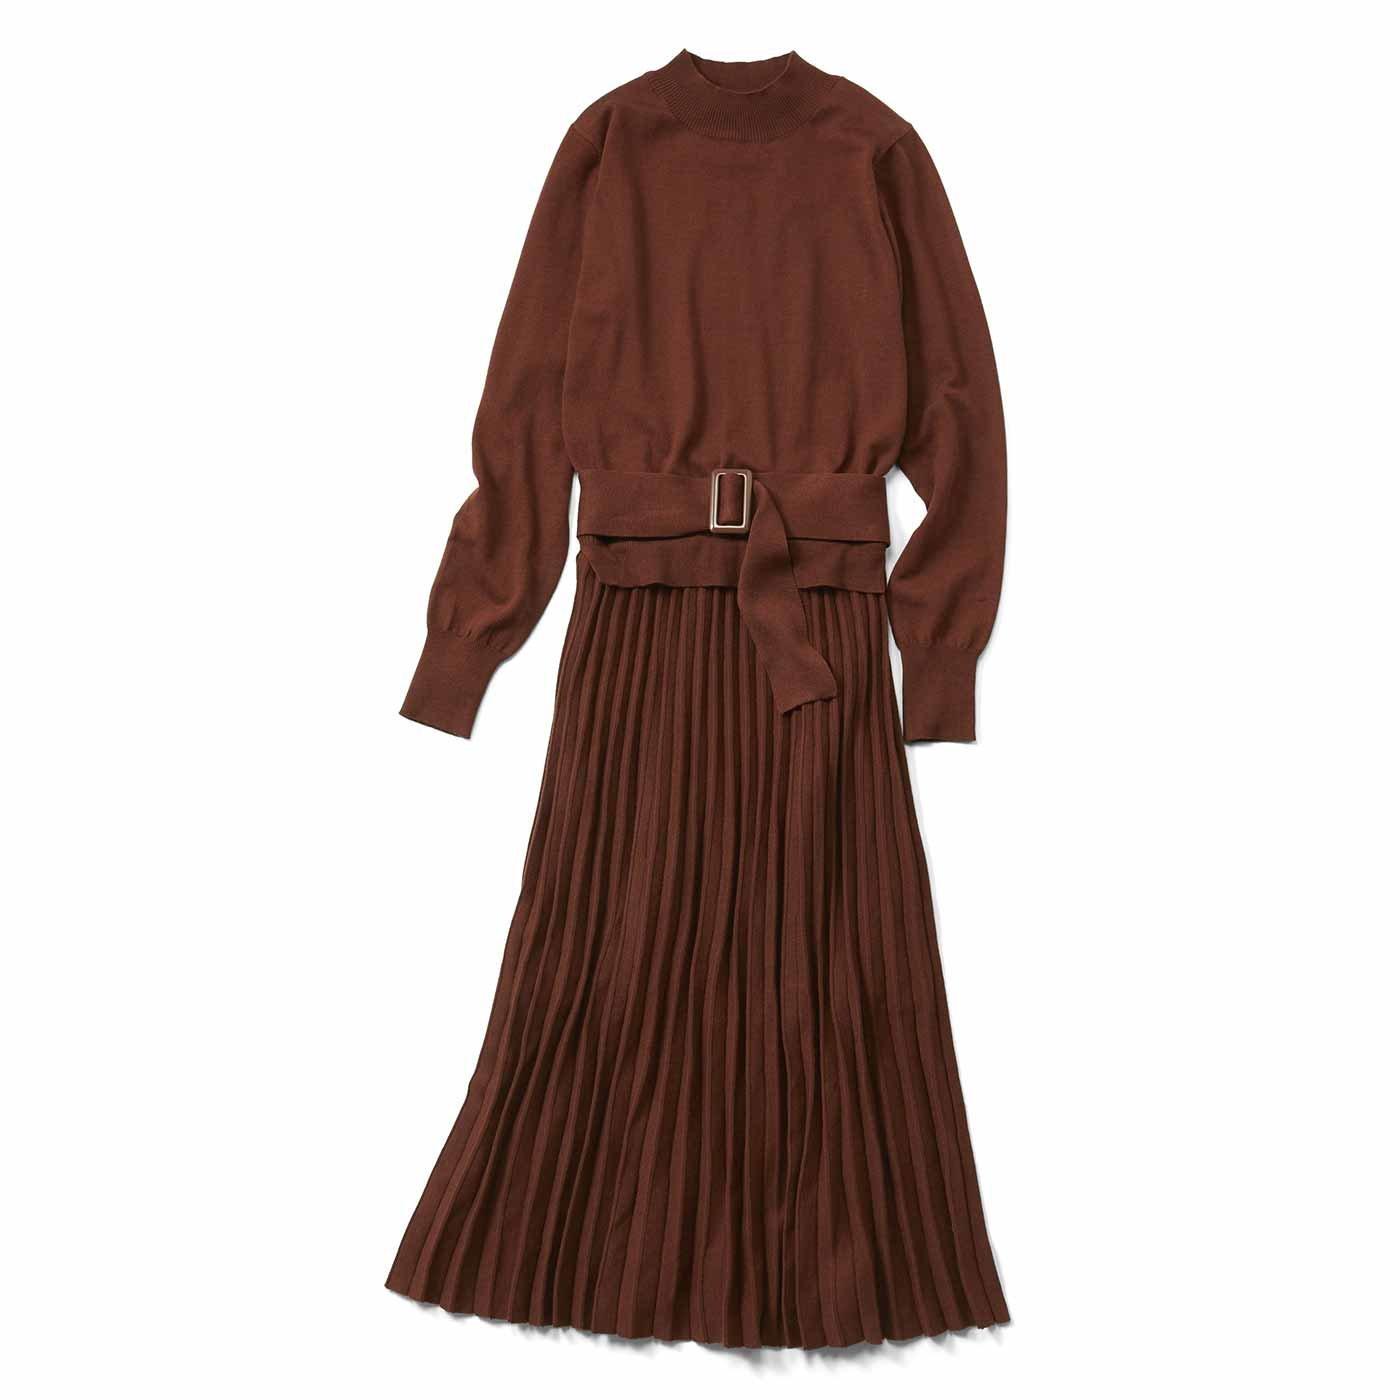 【3~10日でお届け】IEDIT[イディット] 上品プリーツニットドレス〈テラコッタブラウン〉